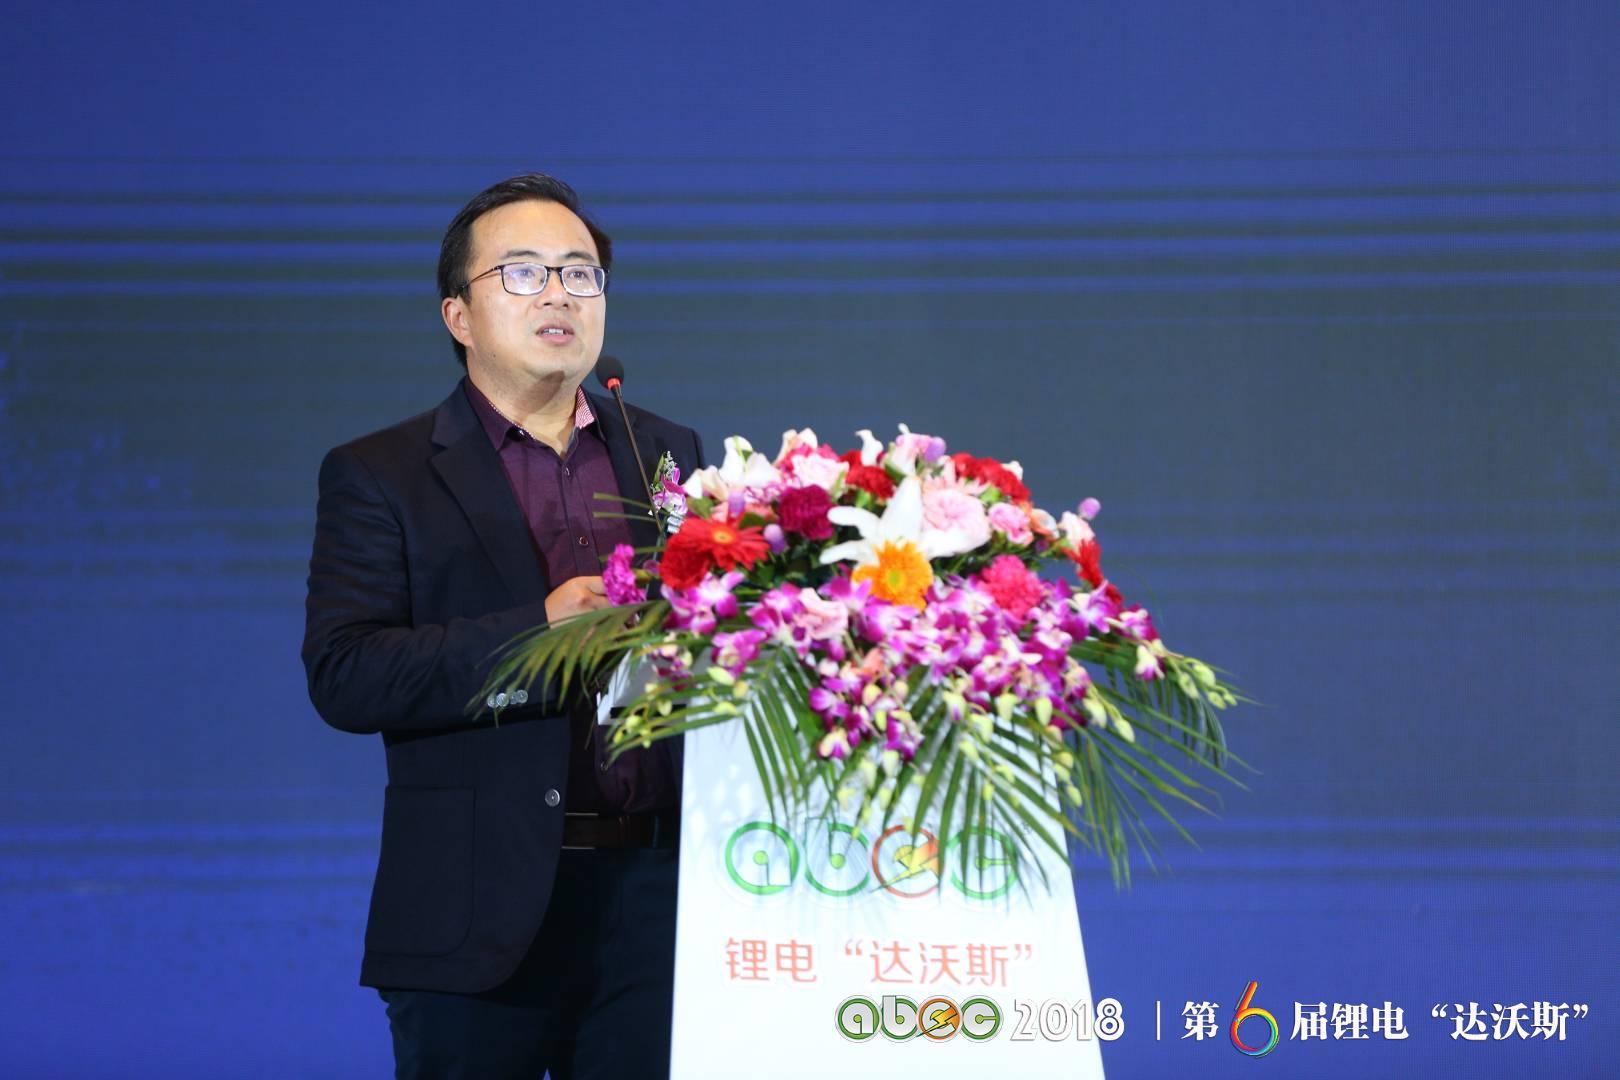 奇瑞新能源汽车技术有限公司副总经理/研究院院长倪绍勇